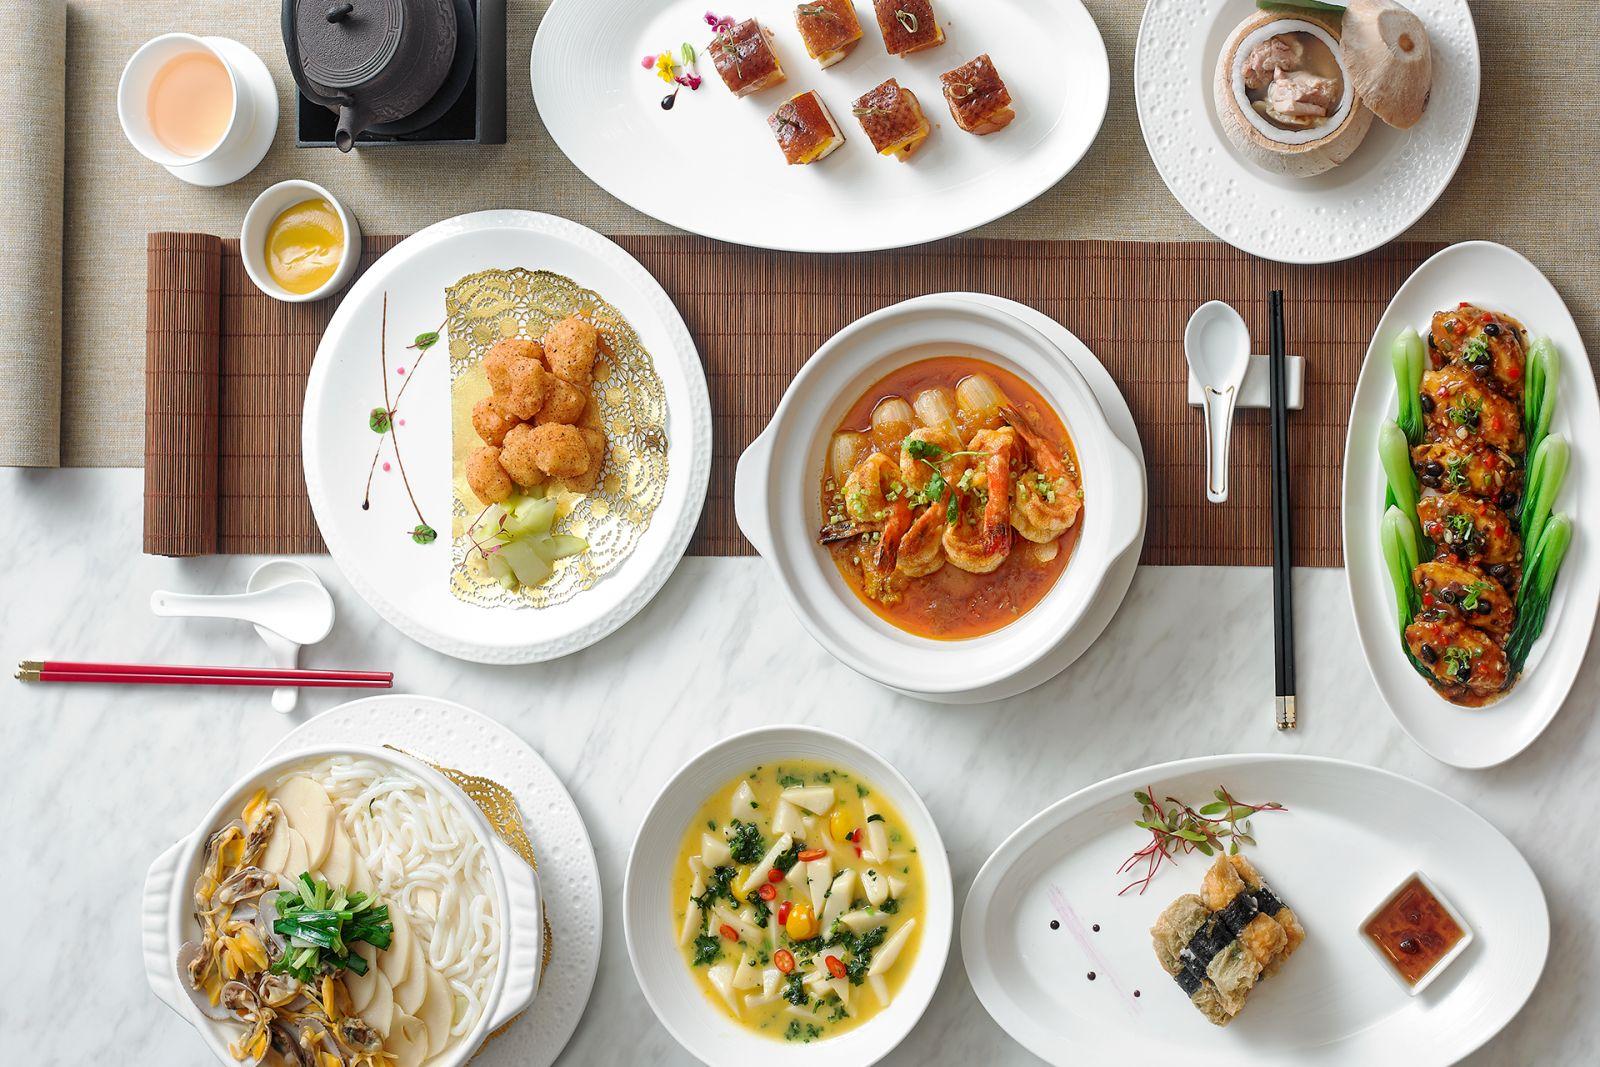 【粵菜廳】當米其林愛上「綠寶石」 國賓粵菜廳8道新菜上市